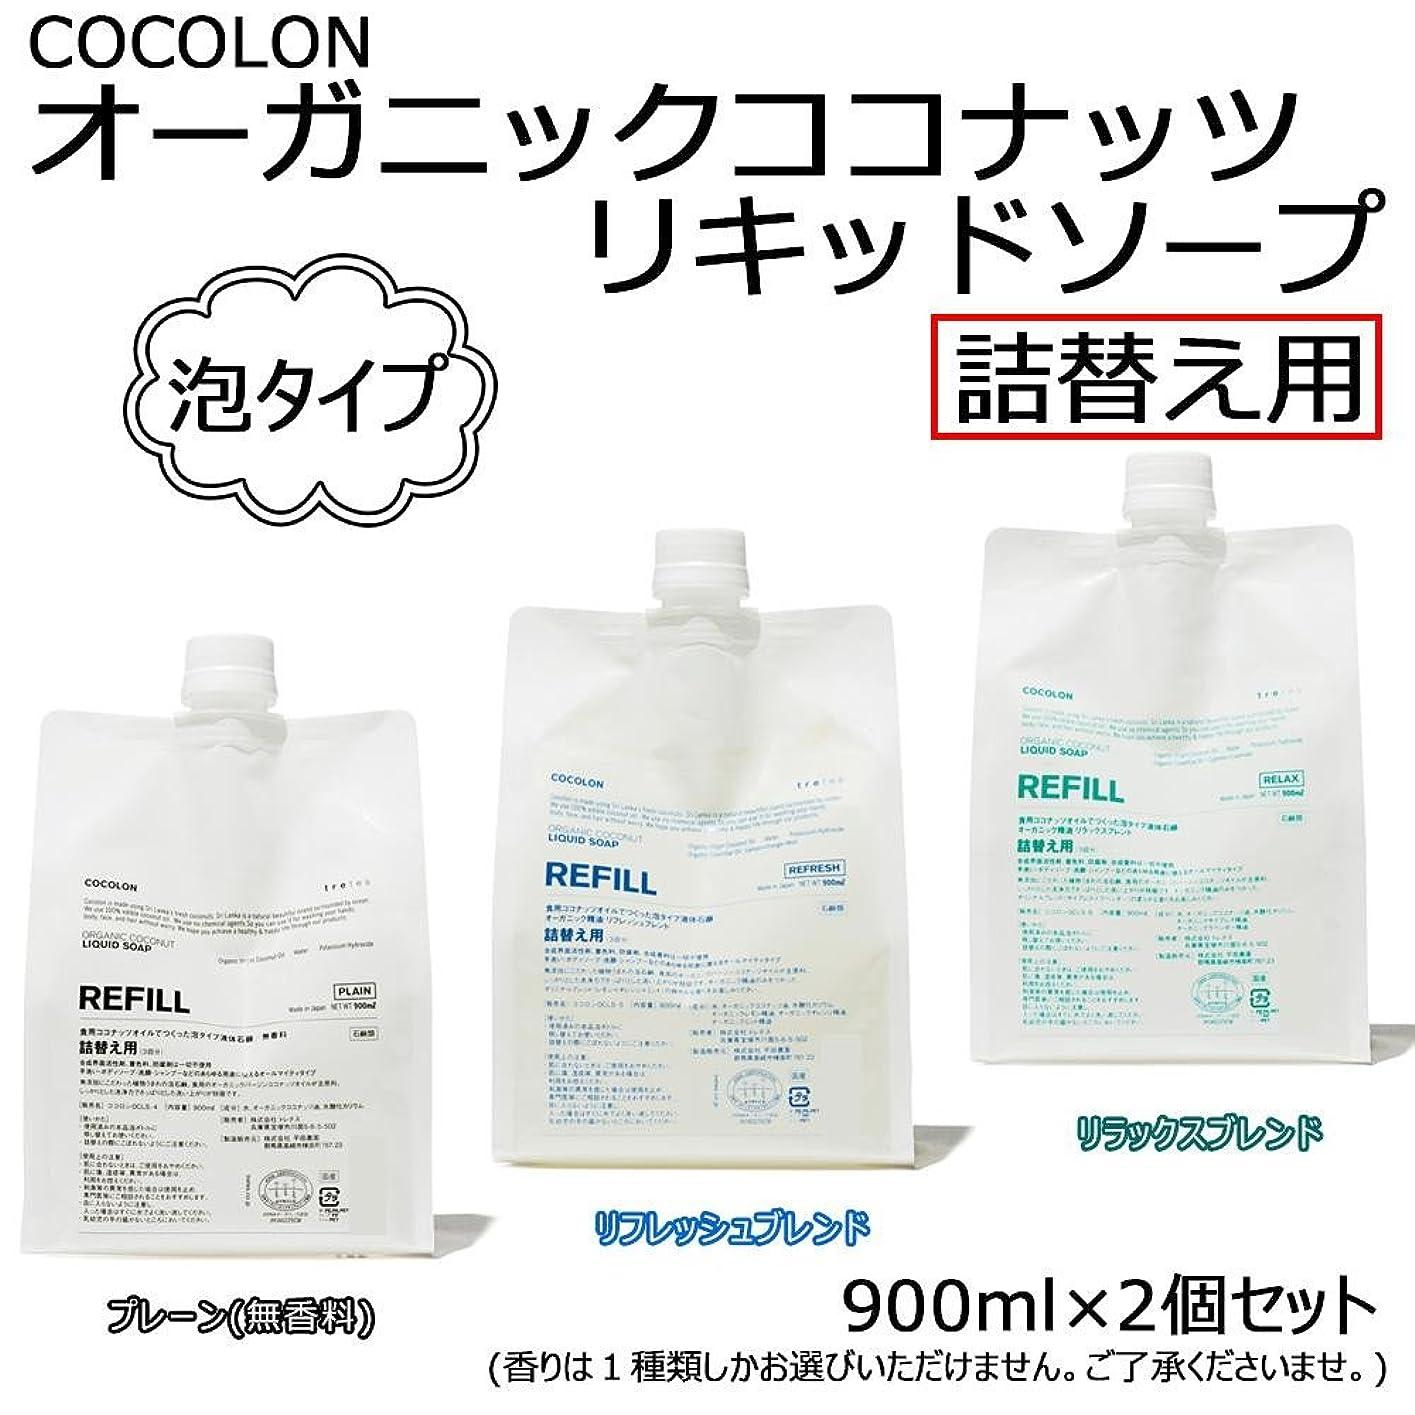 威信法廷ゼリーCOCOLON ココロン オーガニックココナッツリキッドソープ 泡タイプ 詰替え用 900ml 2個セット リフレッシュブレンド